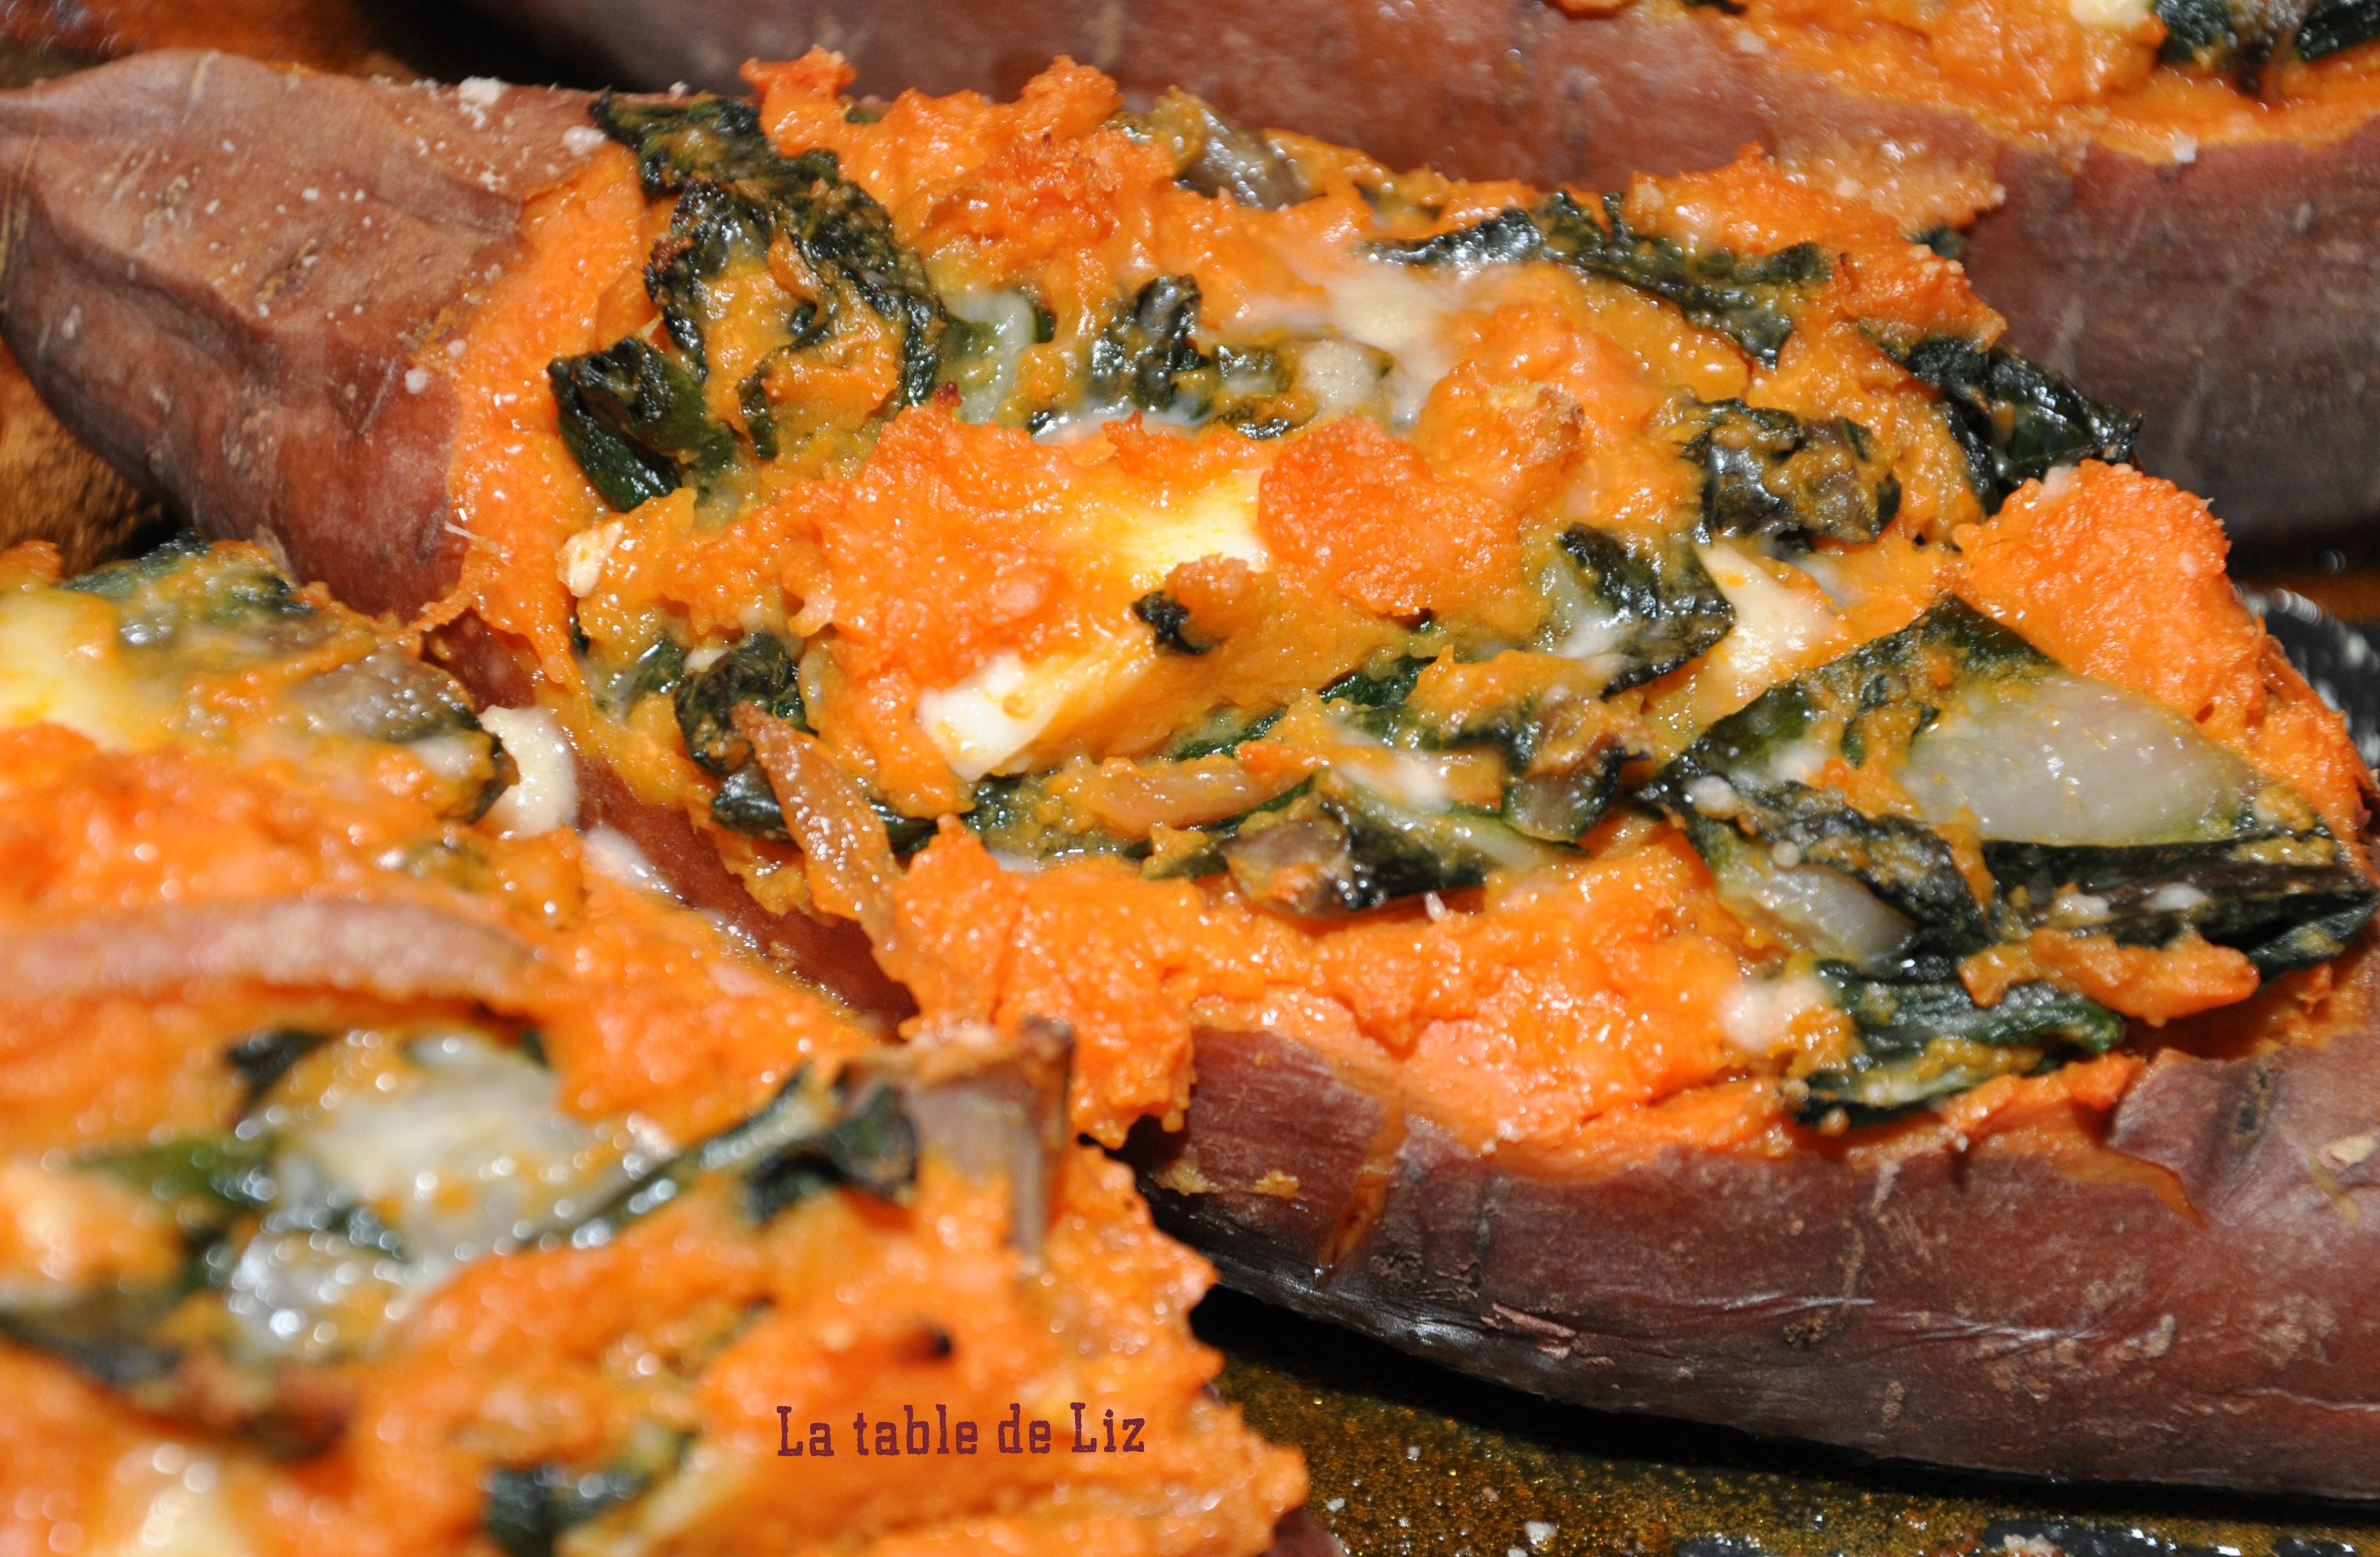 patates-douces-farcies-aux-feuilles-de-blettes-detail